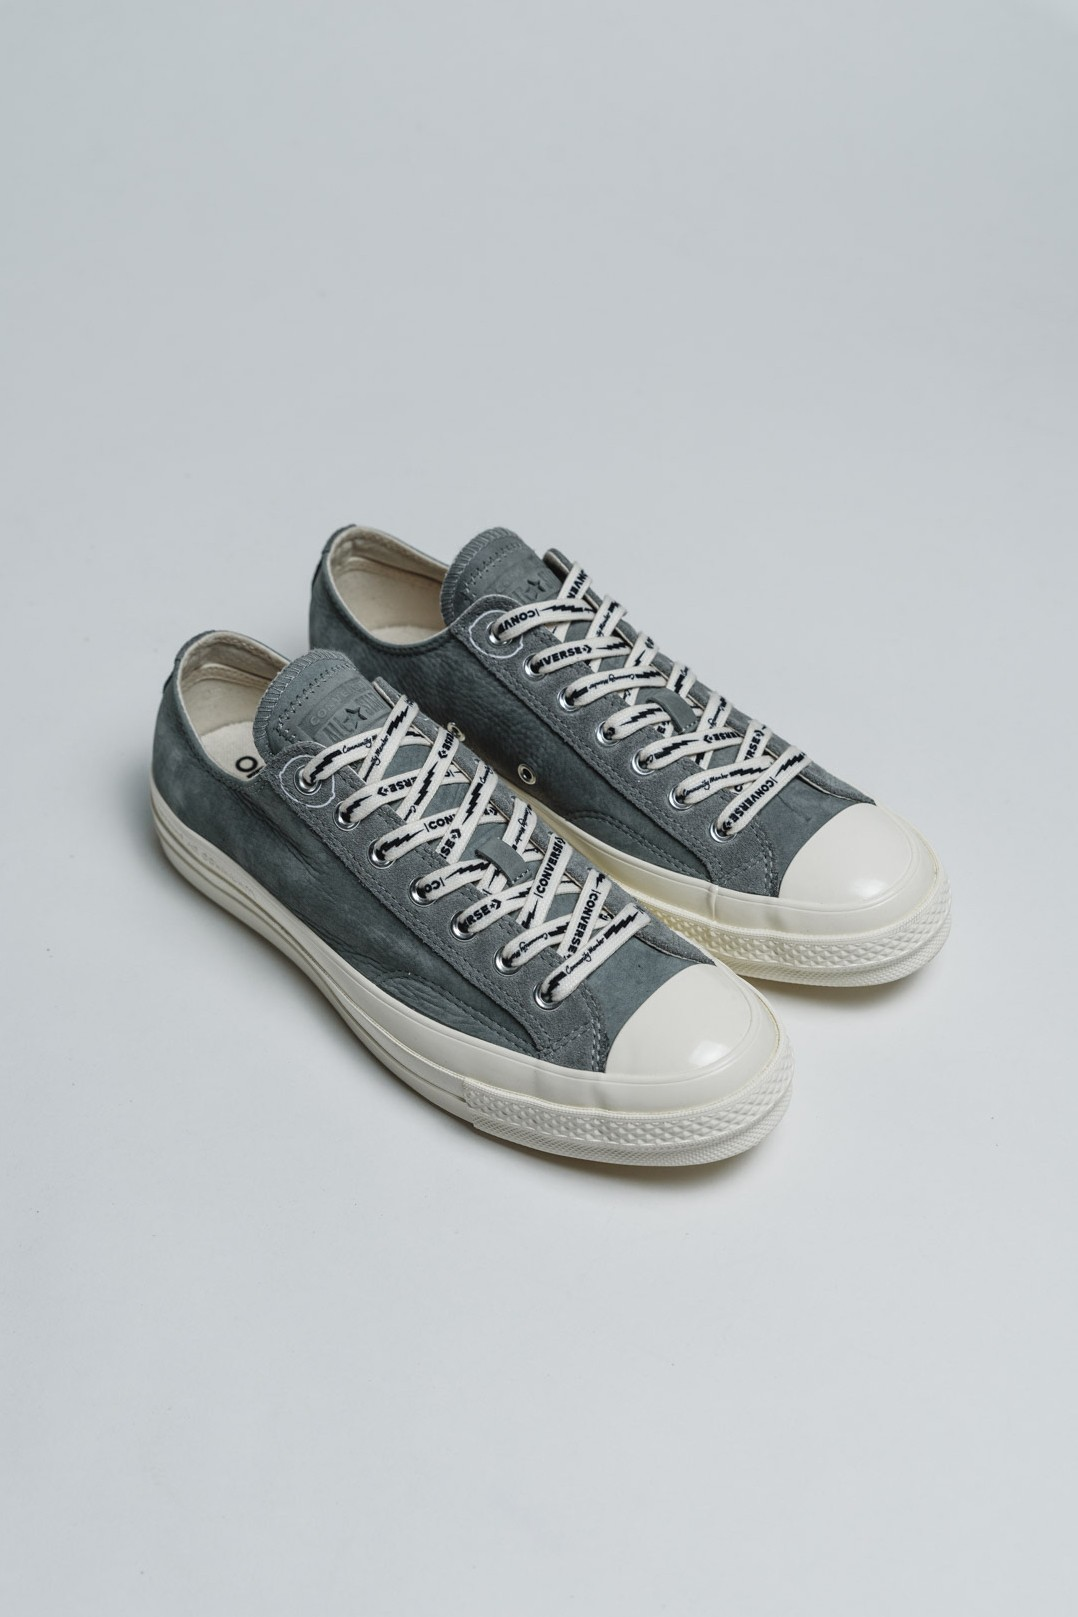 Offspring x Converse \